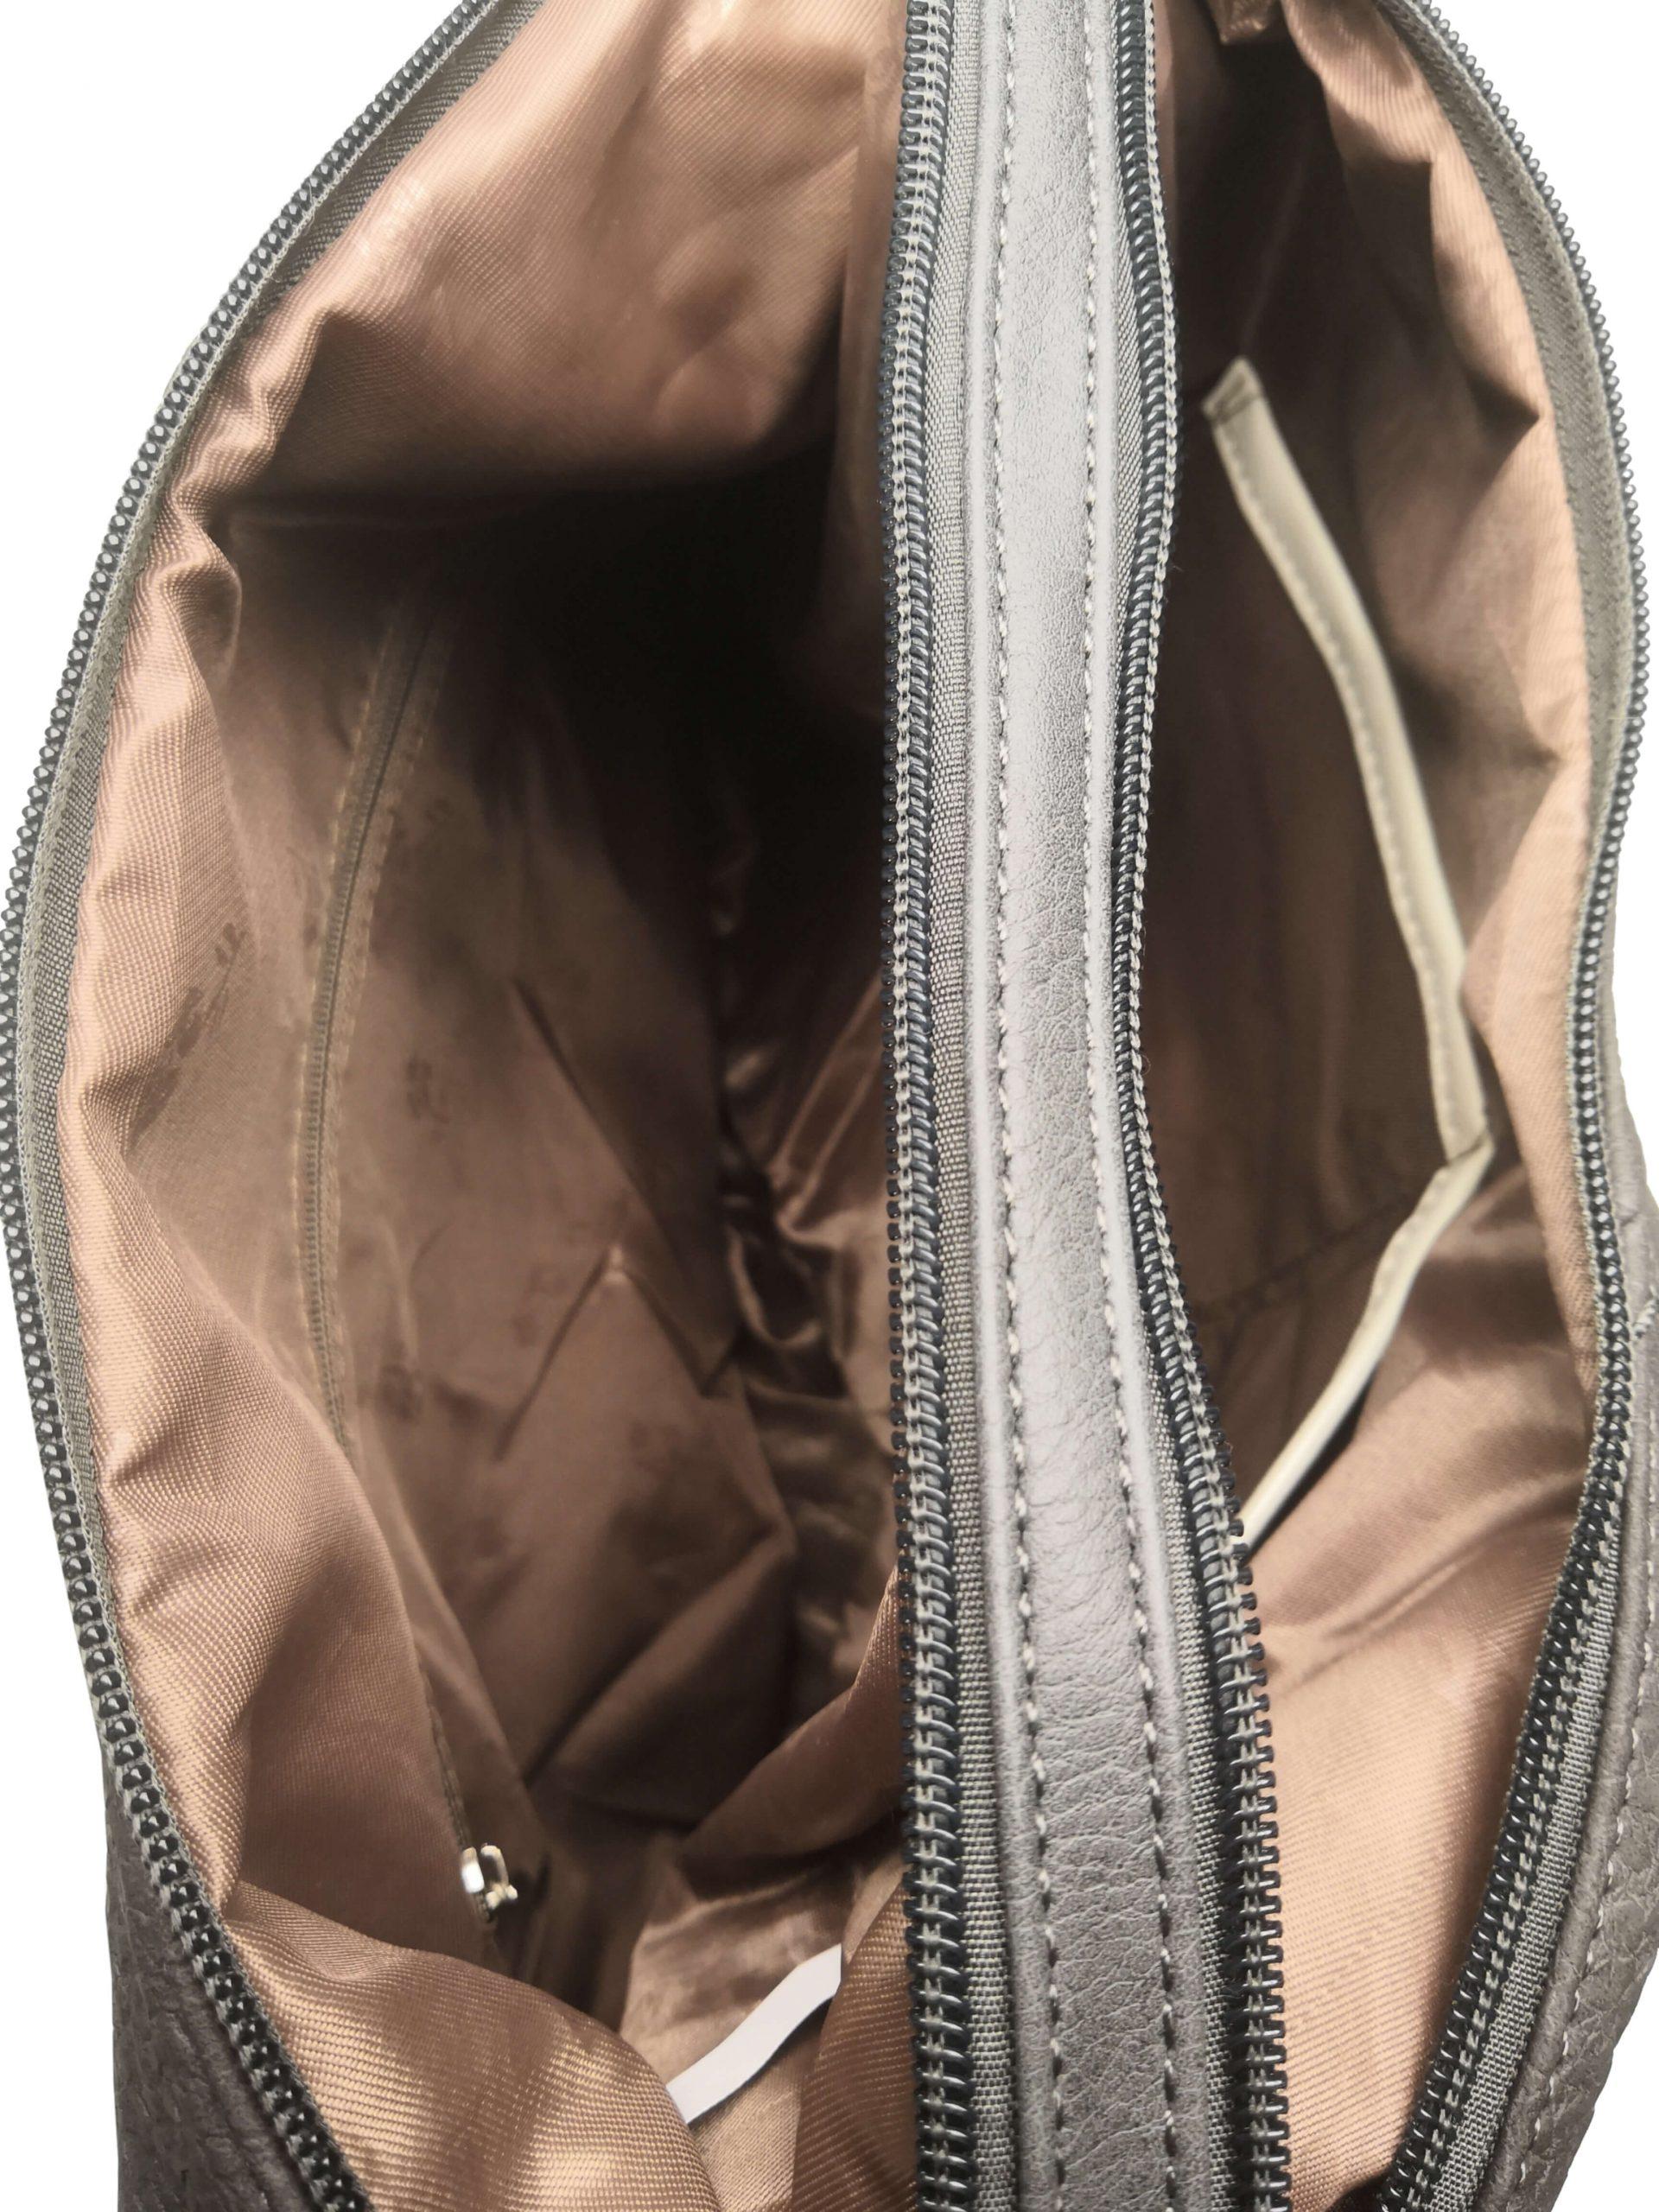 Velký dámský kabelko-batoh z eko kůže Tapple H18077 tmavě šedý vnitřní polstrování